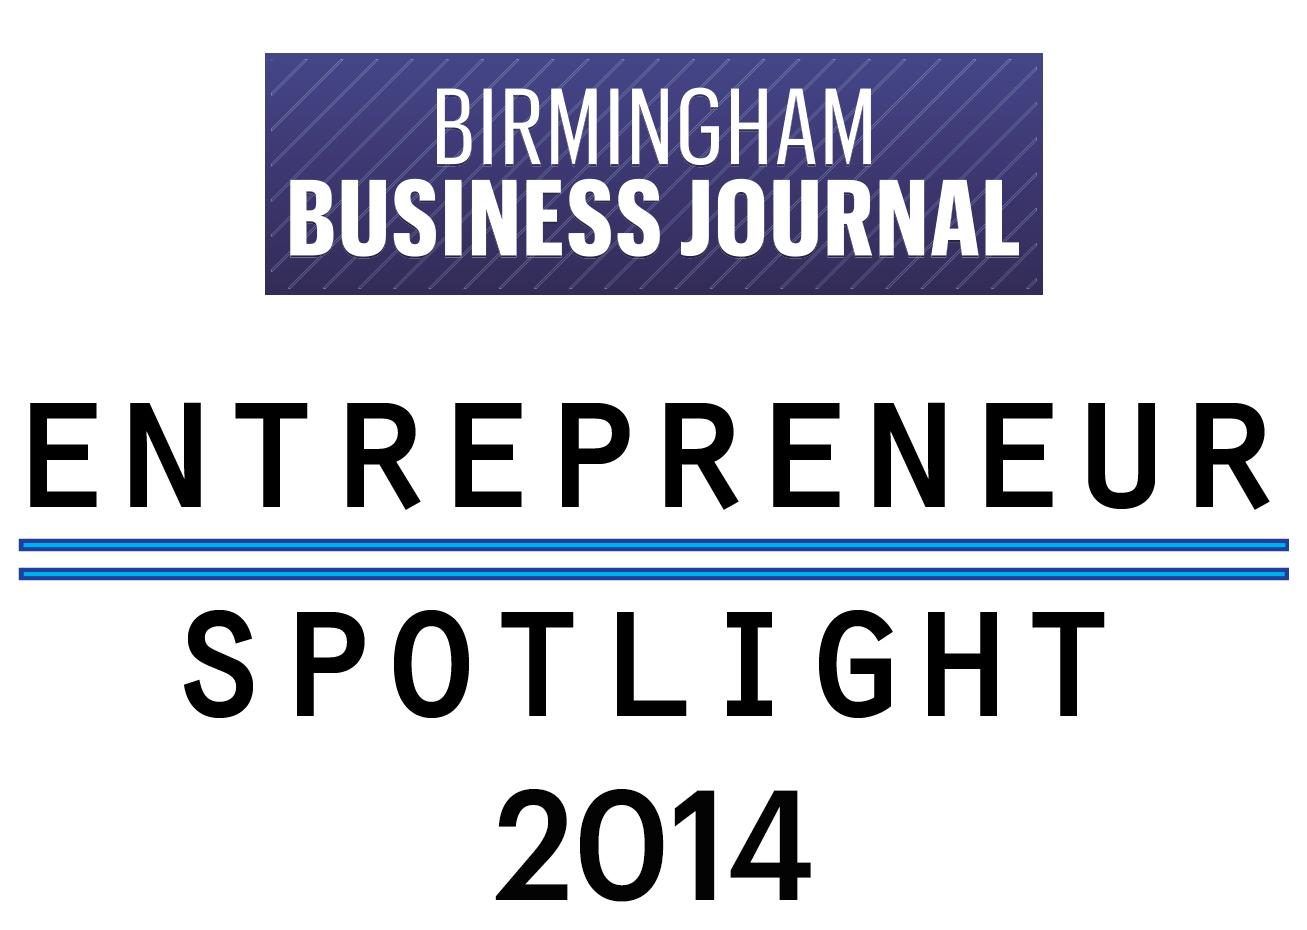 EntrepreneurSpotlight_logo_2013_noname